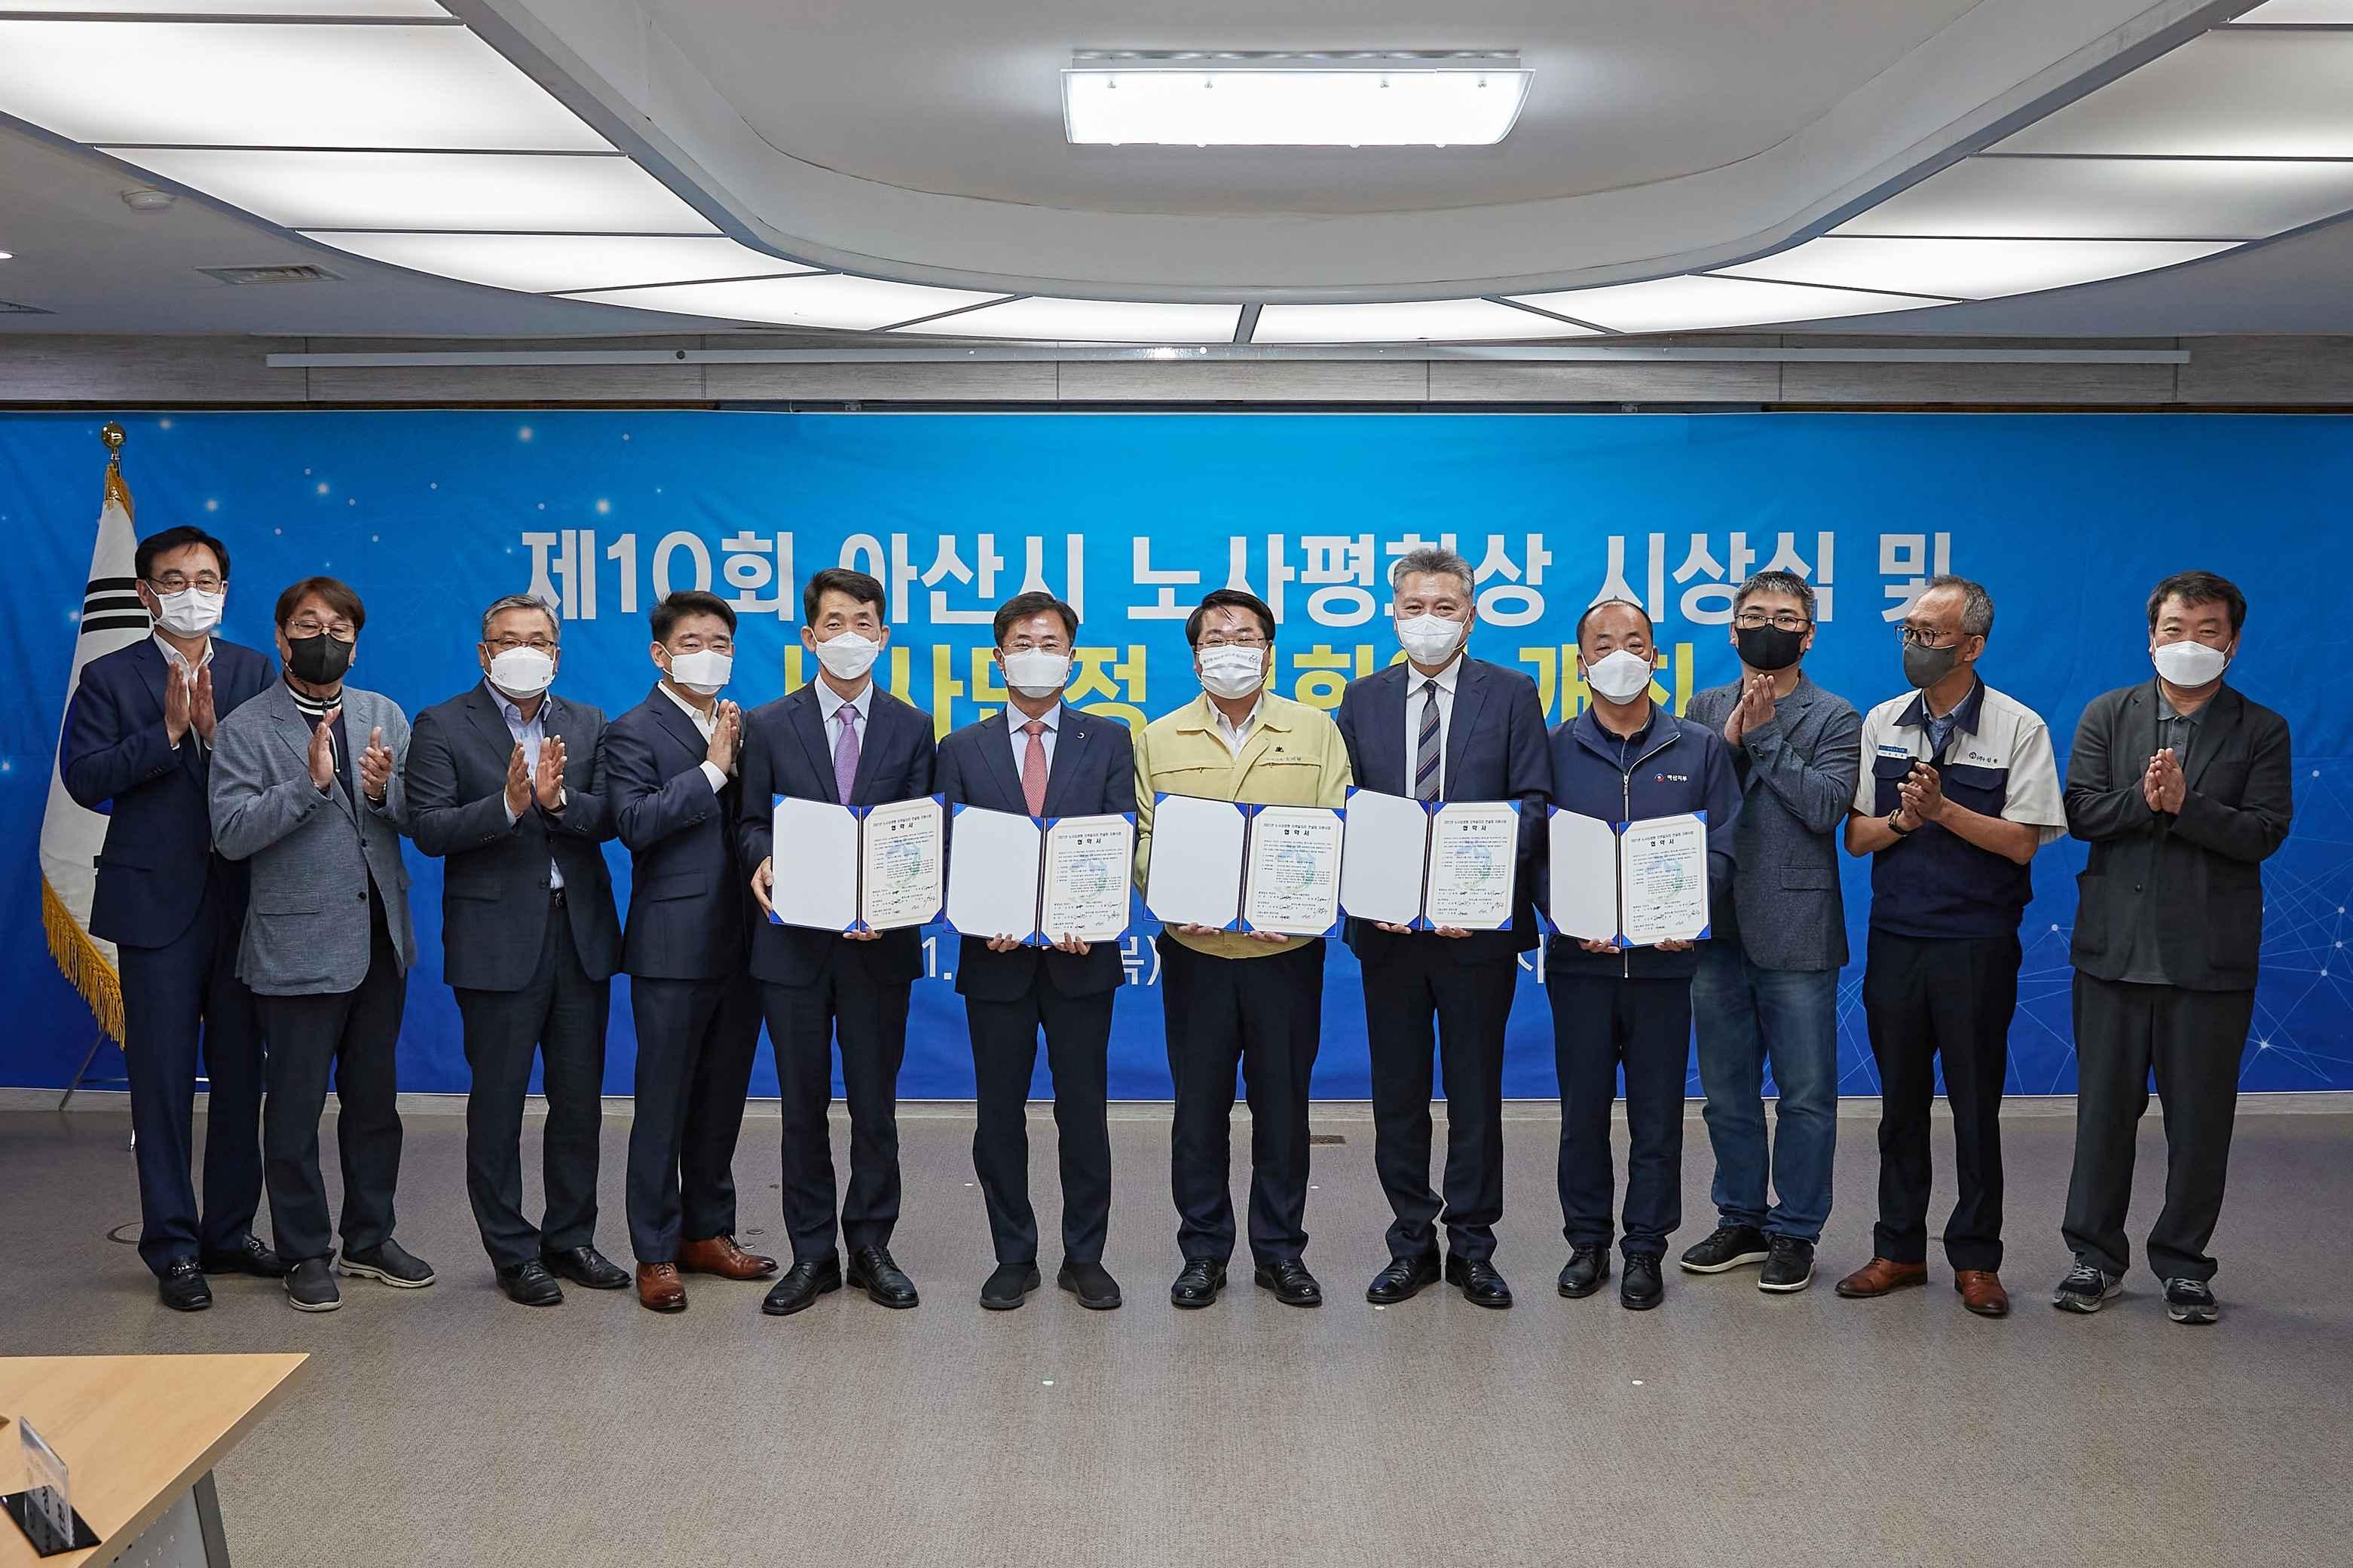 아산시 노사민정協, 노사 상생 일자리 발굴 본격 시작 관련사진